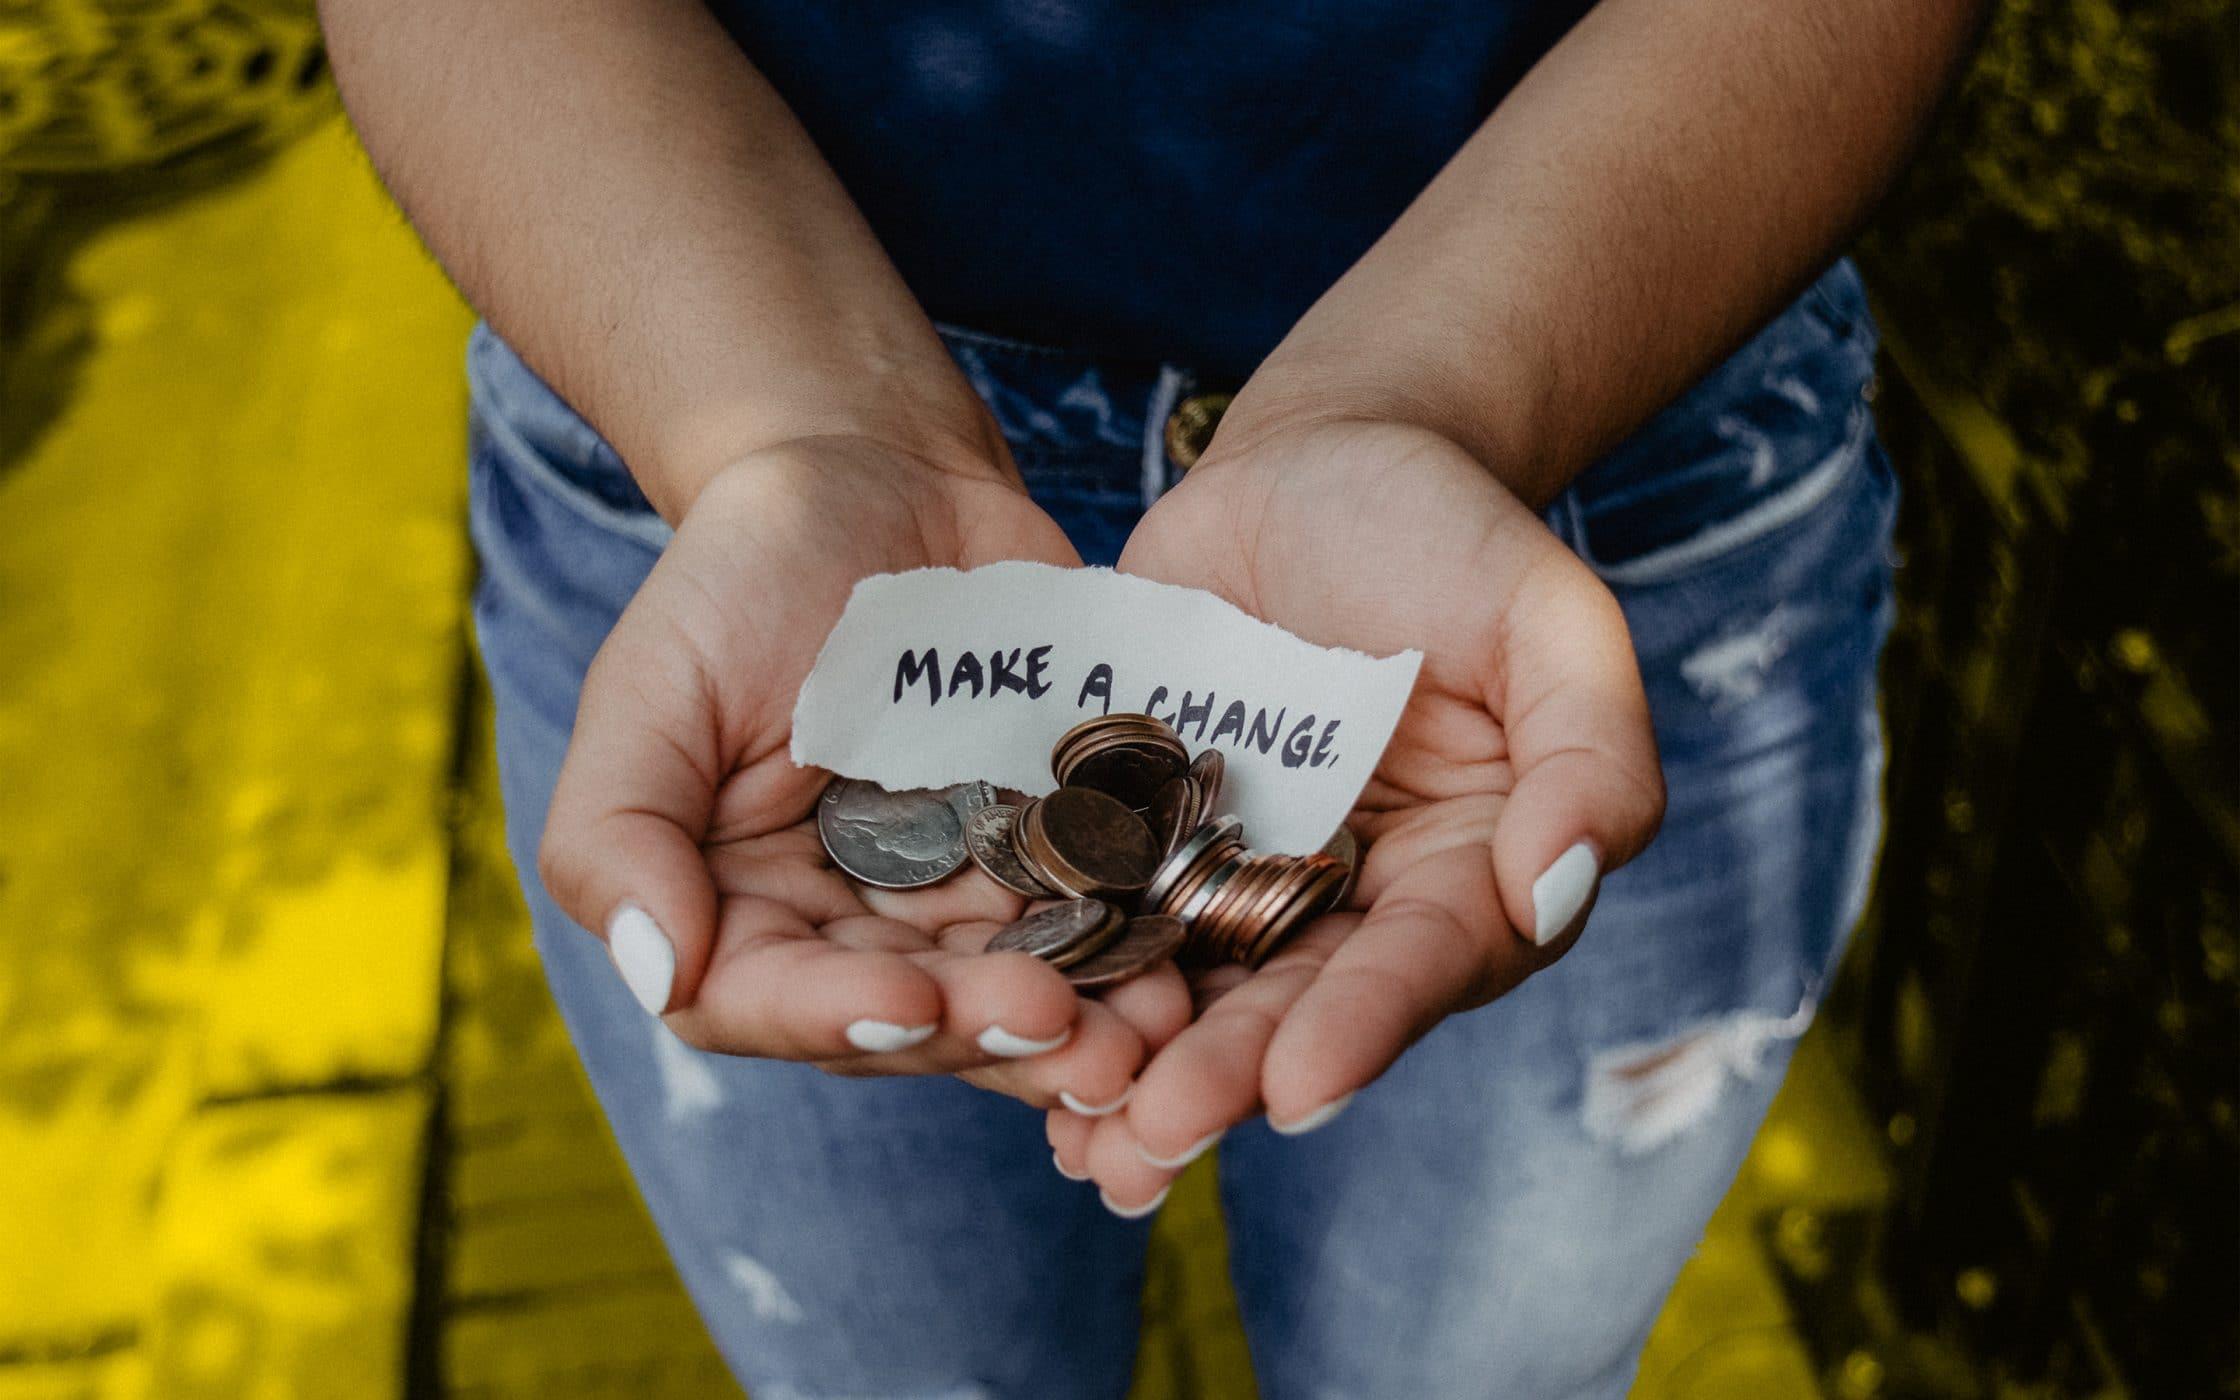 Charity Branding